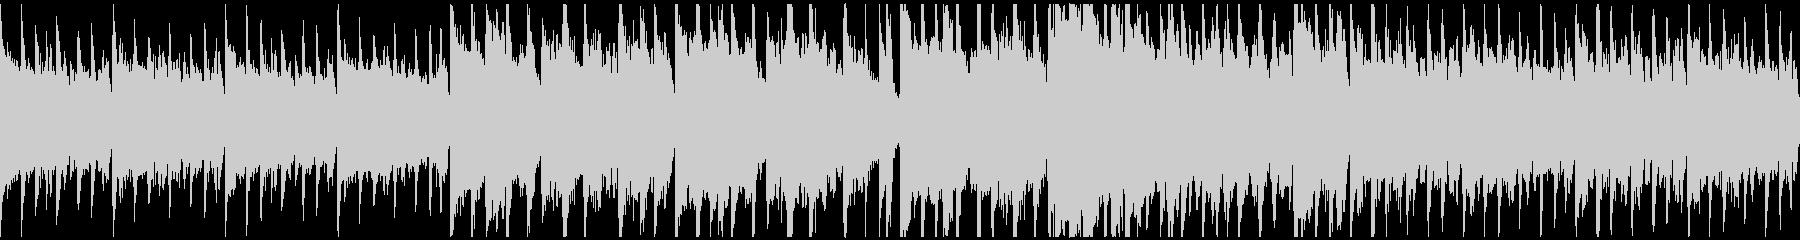 サックスとピアノのミディアムPOPSの未再生の波形